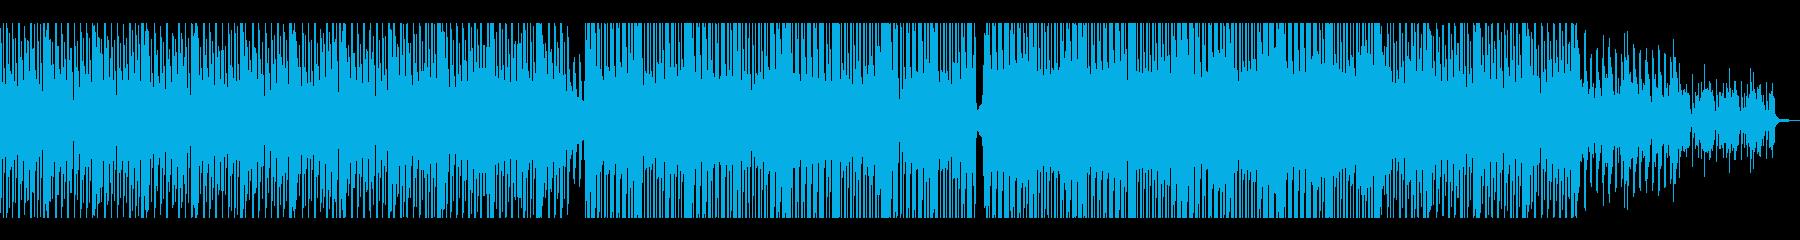 【短いVer2】80年代風テクノポップの再生済みの波形